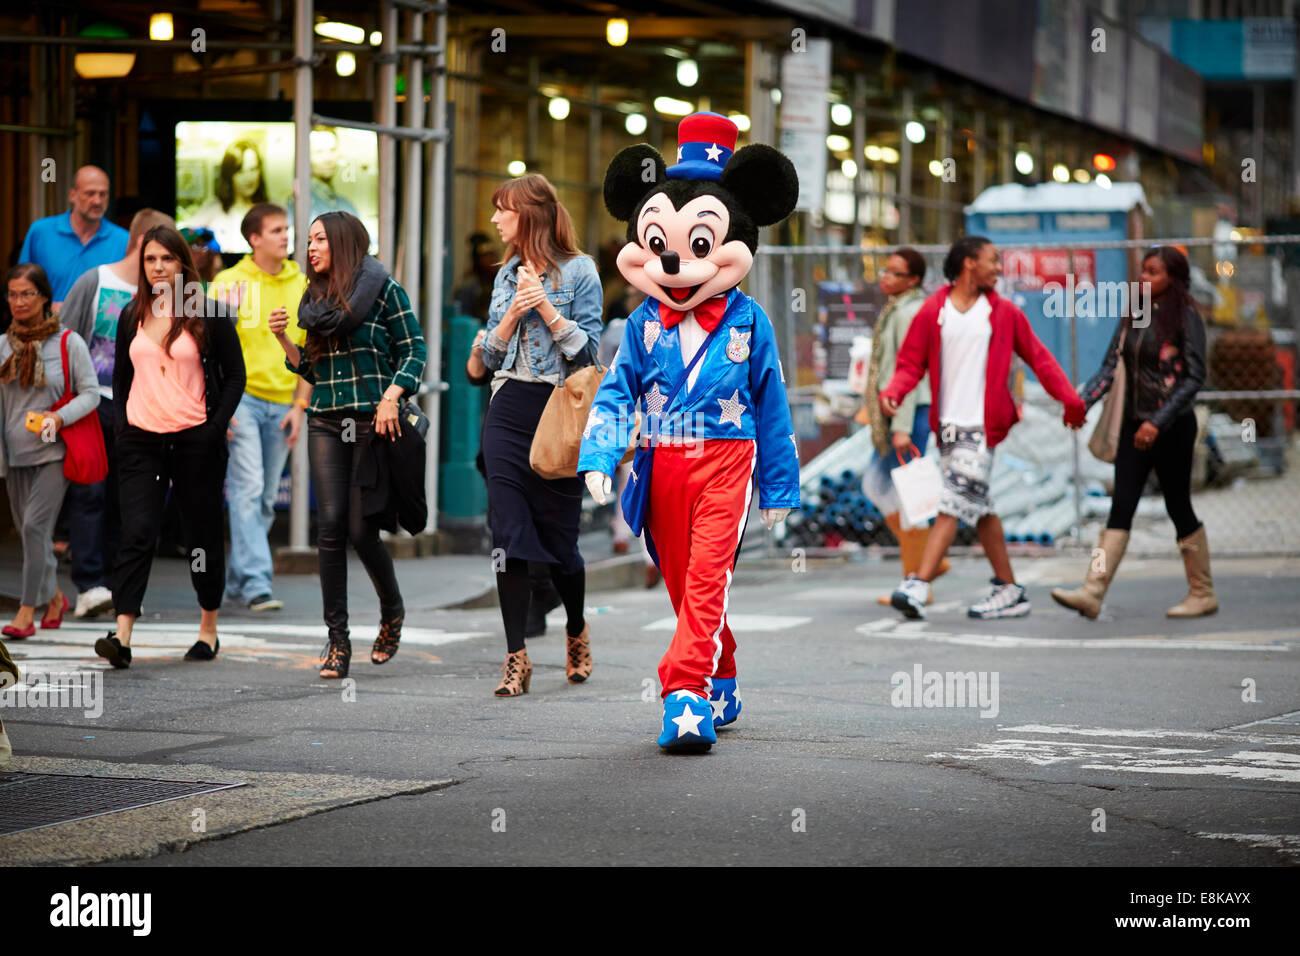 La ciudad de Nueva York Times Square NYC caricaturas busk para consejos Imagen De Stock